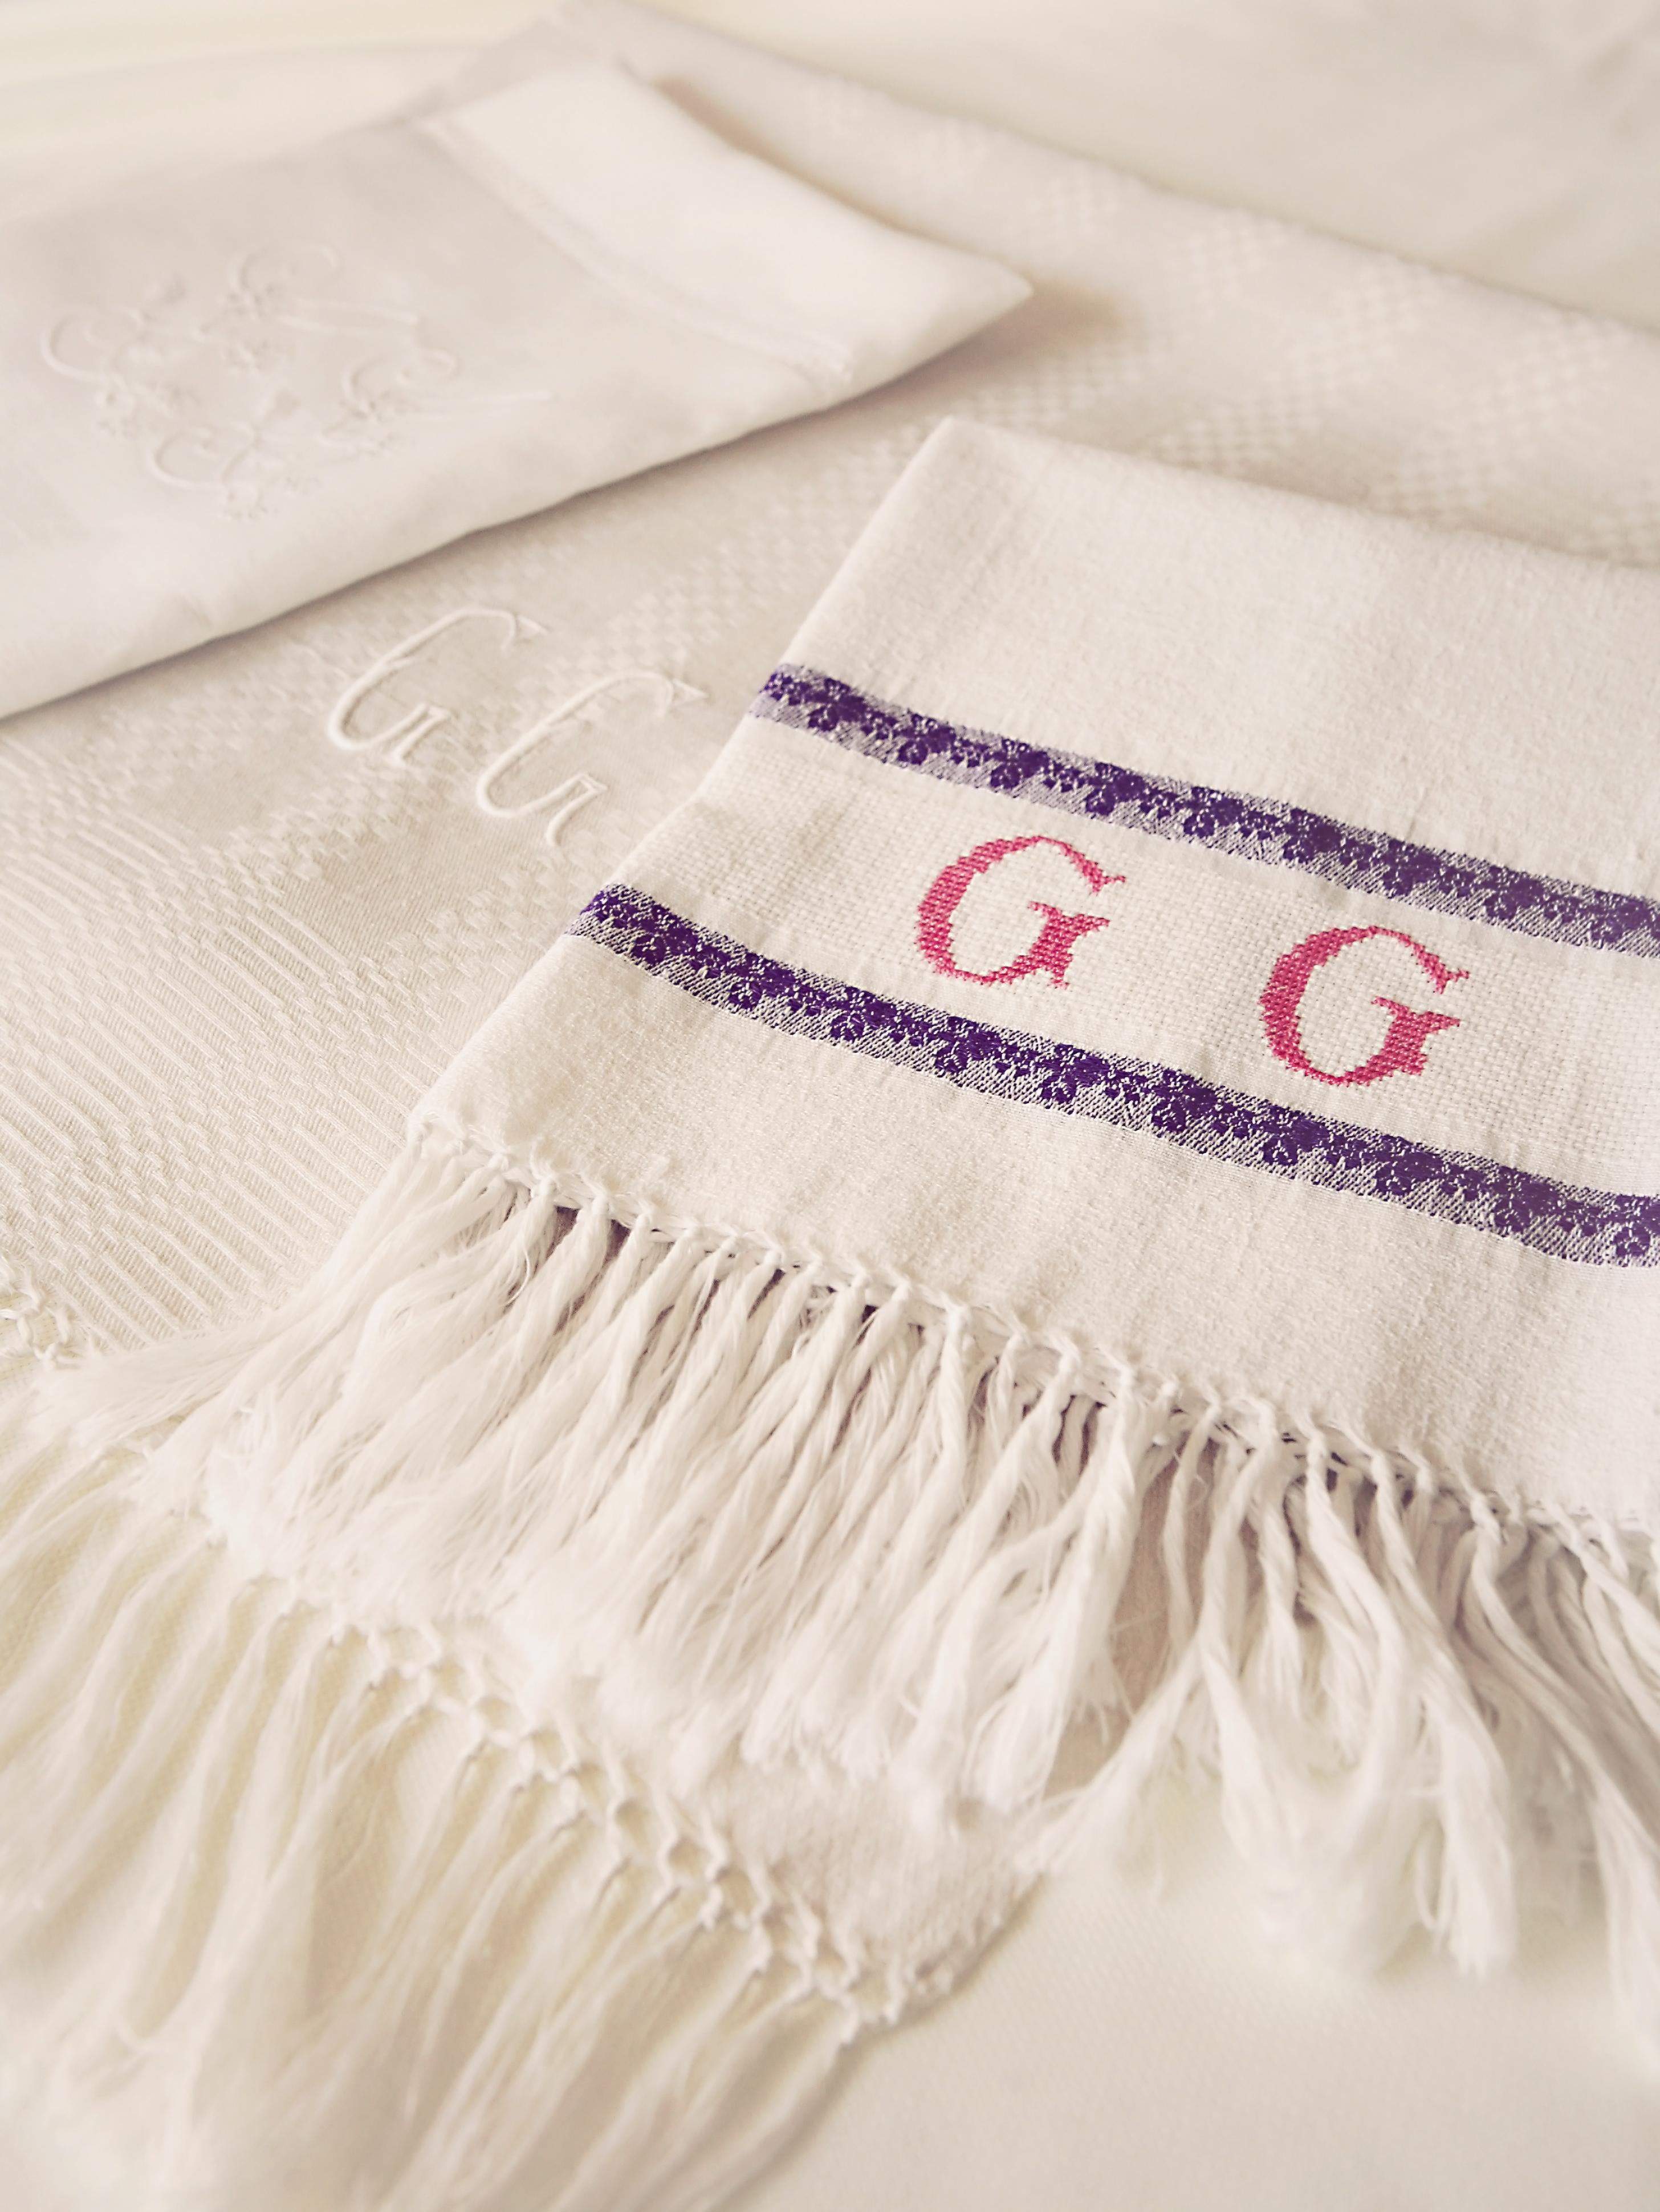 Precious Vintage Linens